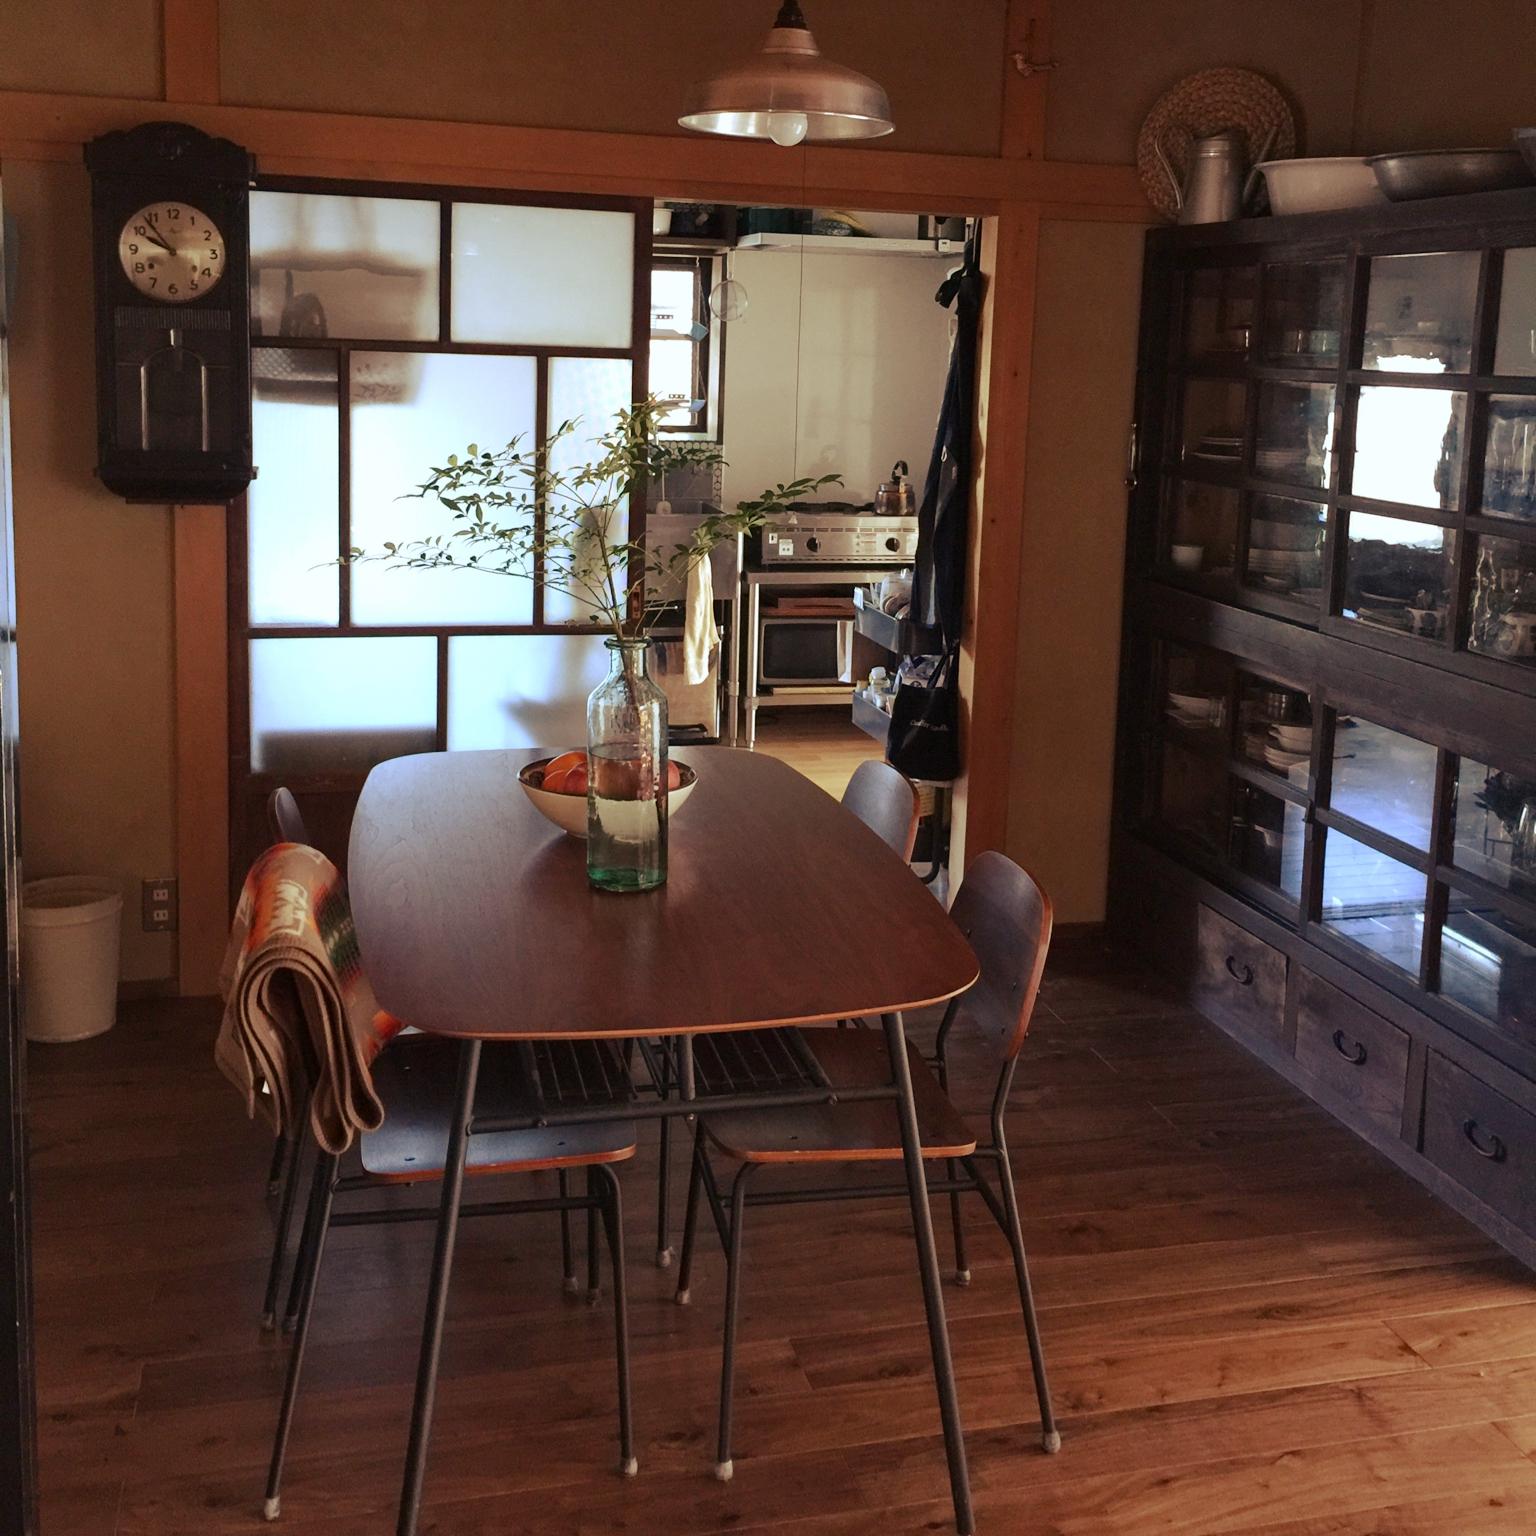 女性で、3LDKの店なし雑貨屋/和風住宅/タイル/業務用キッチン/マリメッコ/ホーロー…などについてのインテリア実例を紹介。